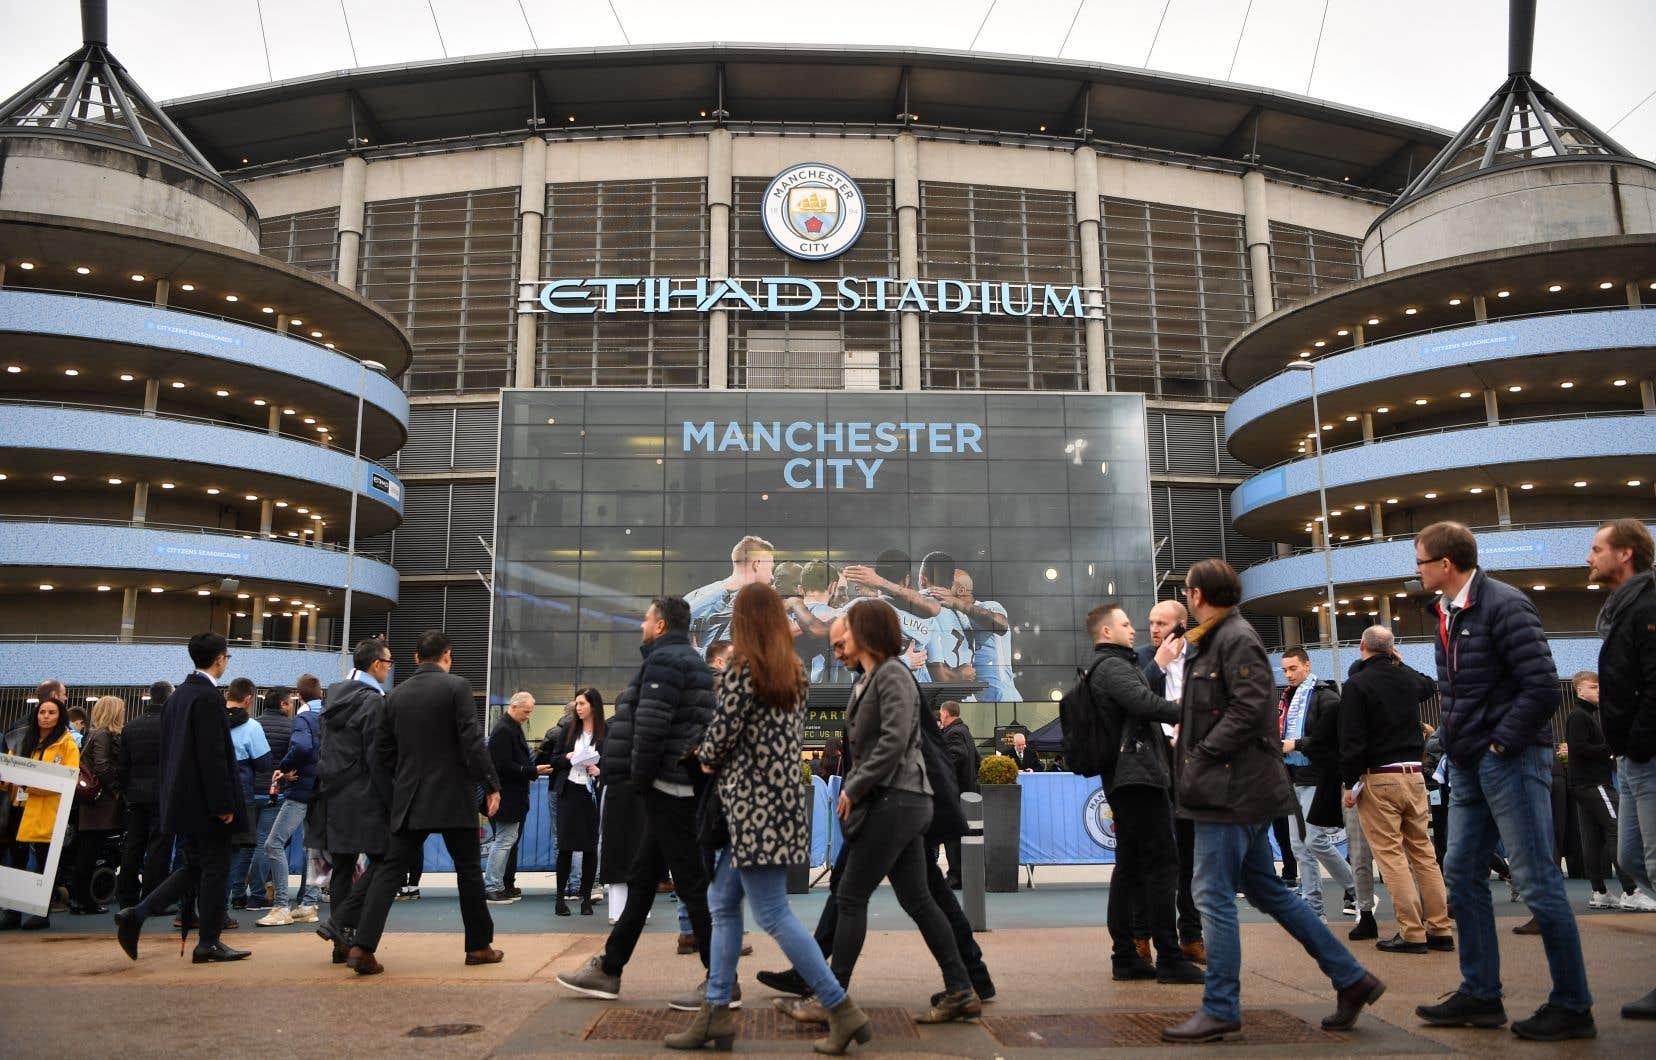 Le clubManchester City aannoncé qu'il allait faire appel devant le Tribunal arbitral du sport.